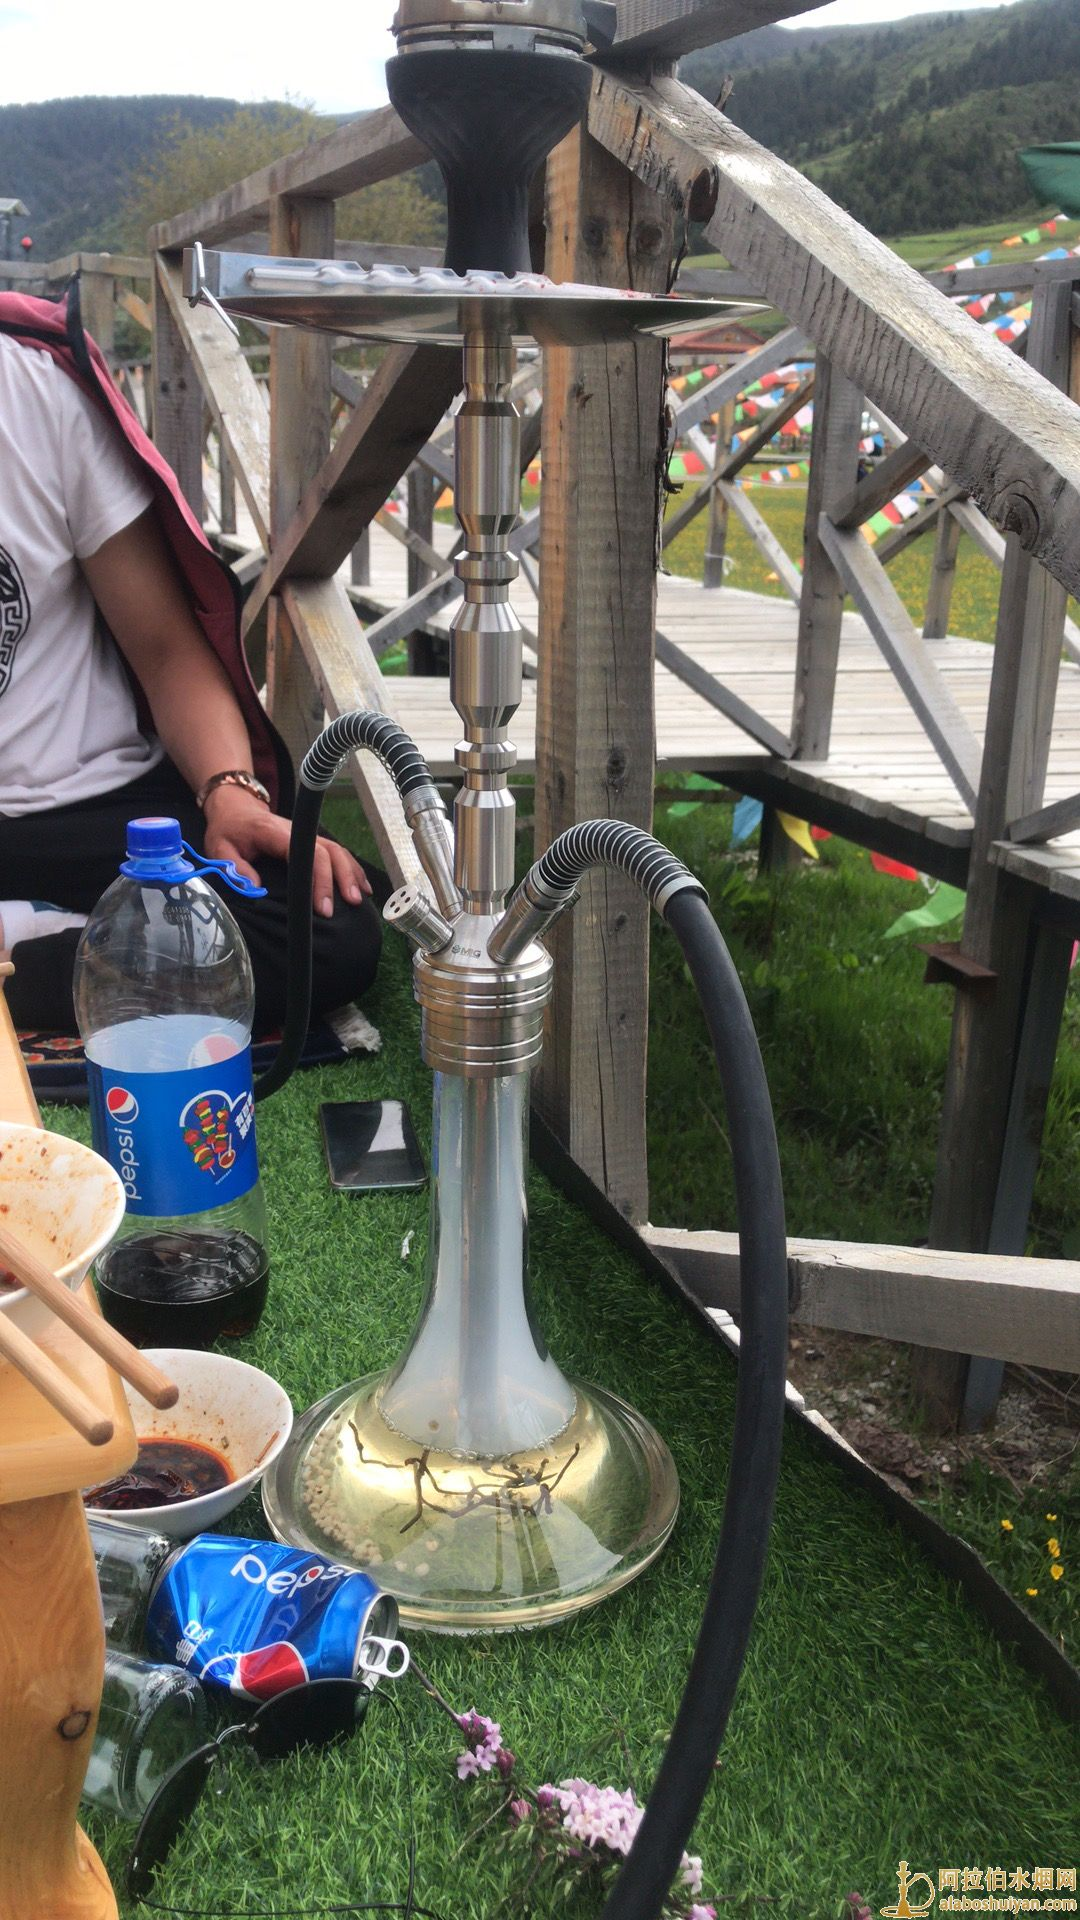 MIG HOOKAHmig阿拉伯水烟壶3.0双嘴不锈钢图片价格批发多少钱